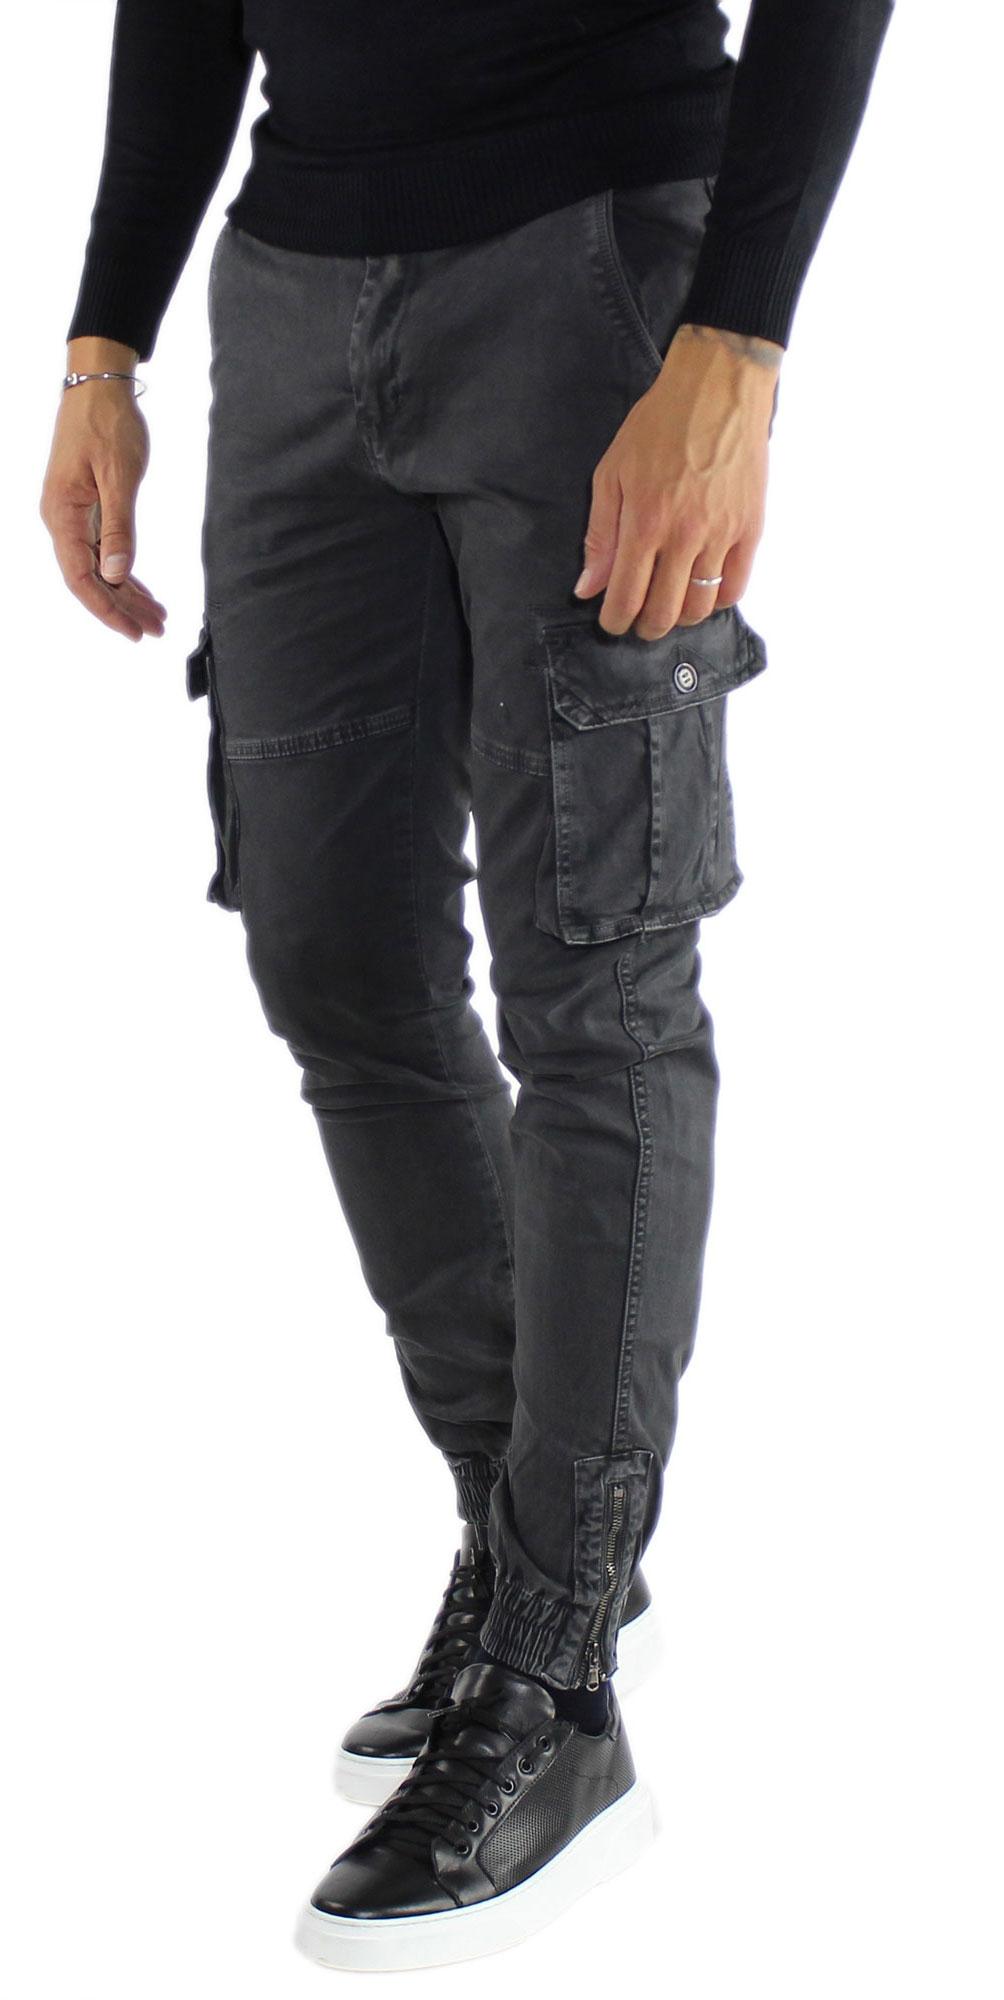 Pantaloni-Cargo-Uomo-Tasche-Laterali-Invernali-Cotone-Slim-Fit-Tasconi-Casual miniatura 3